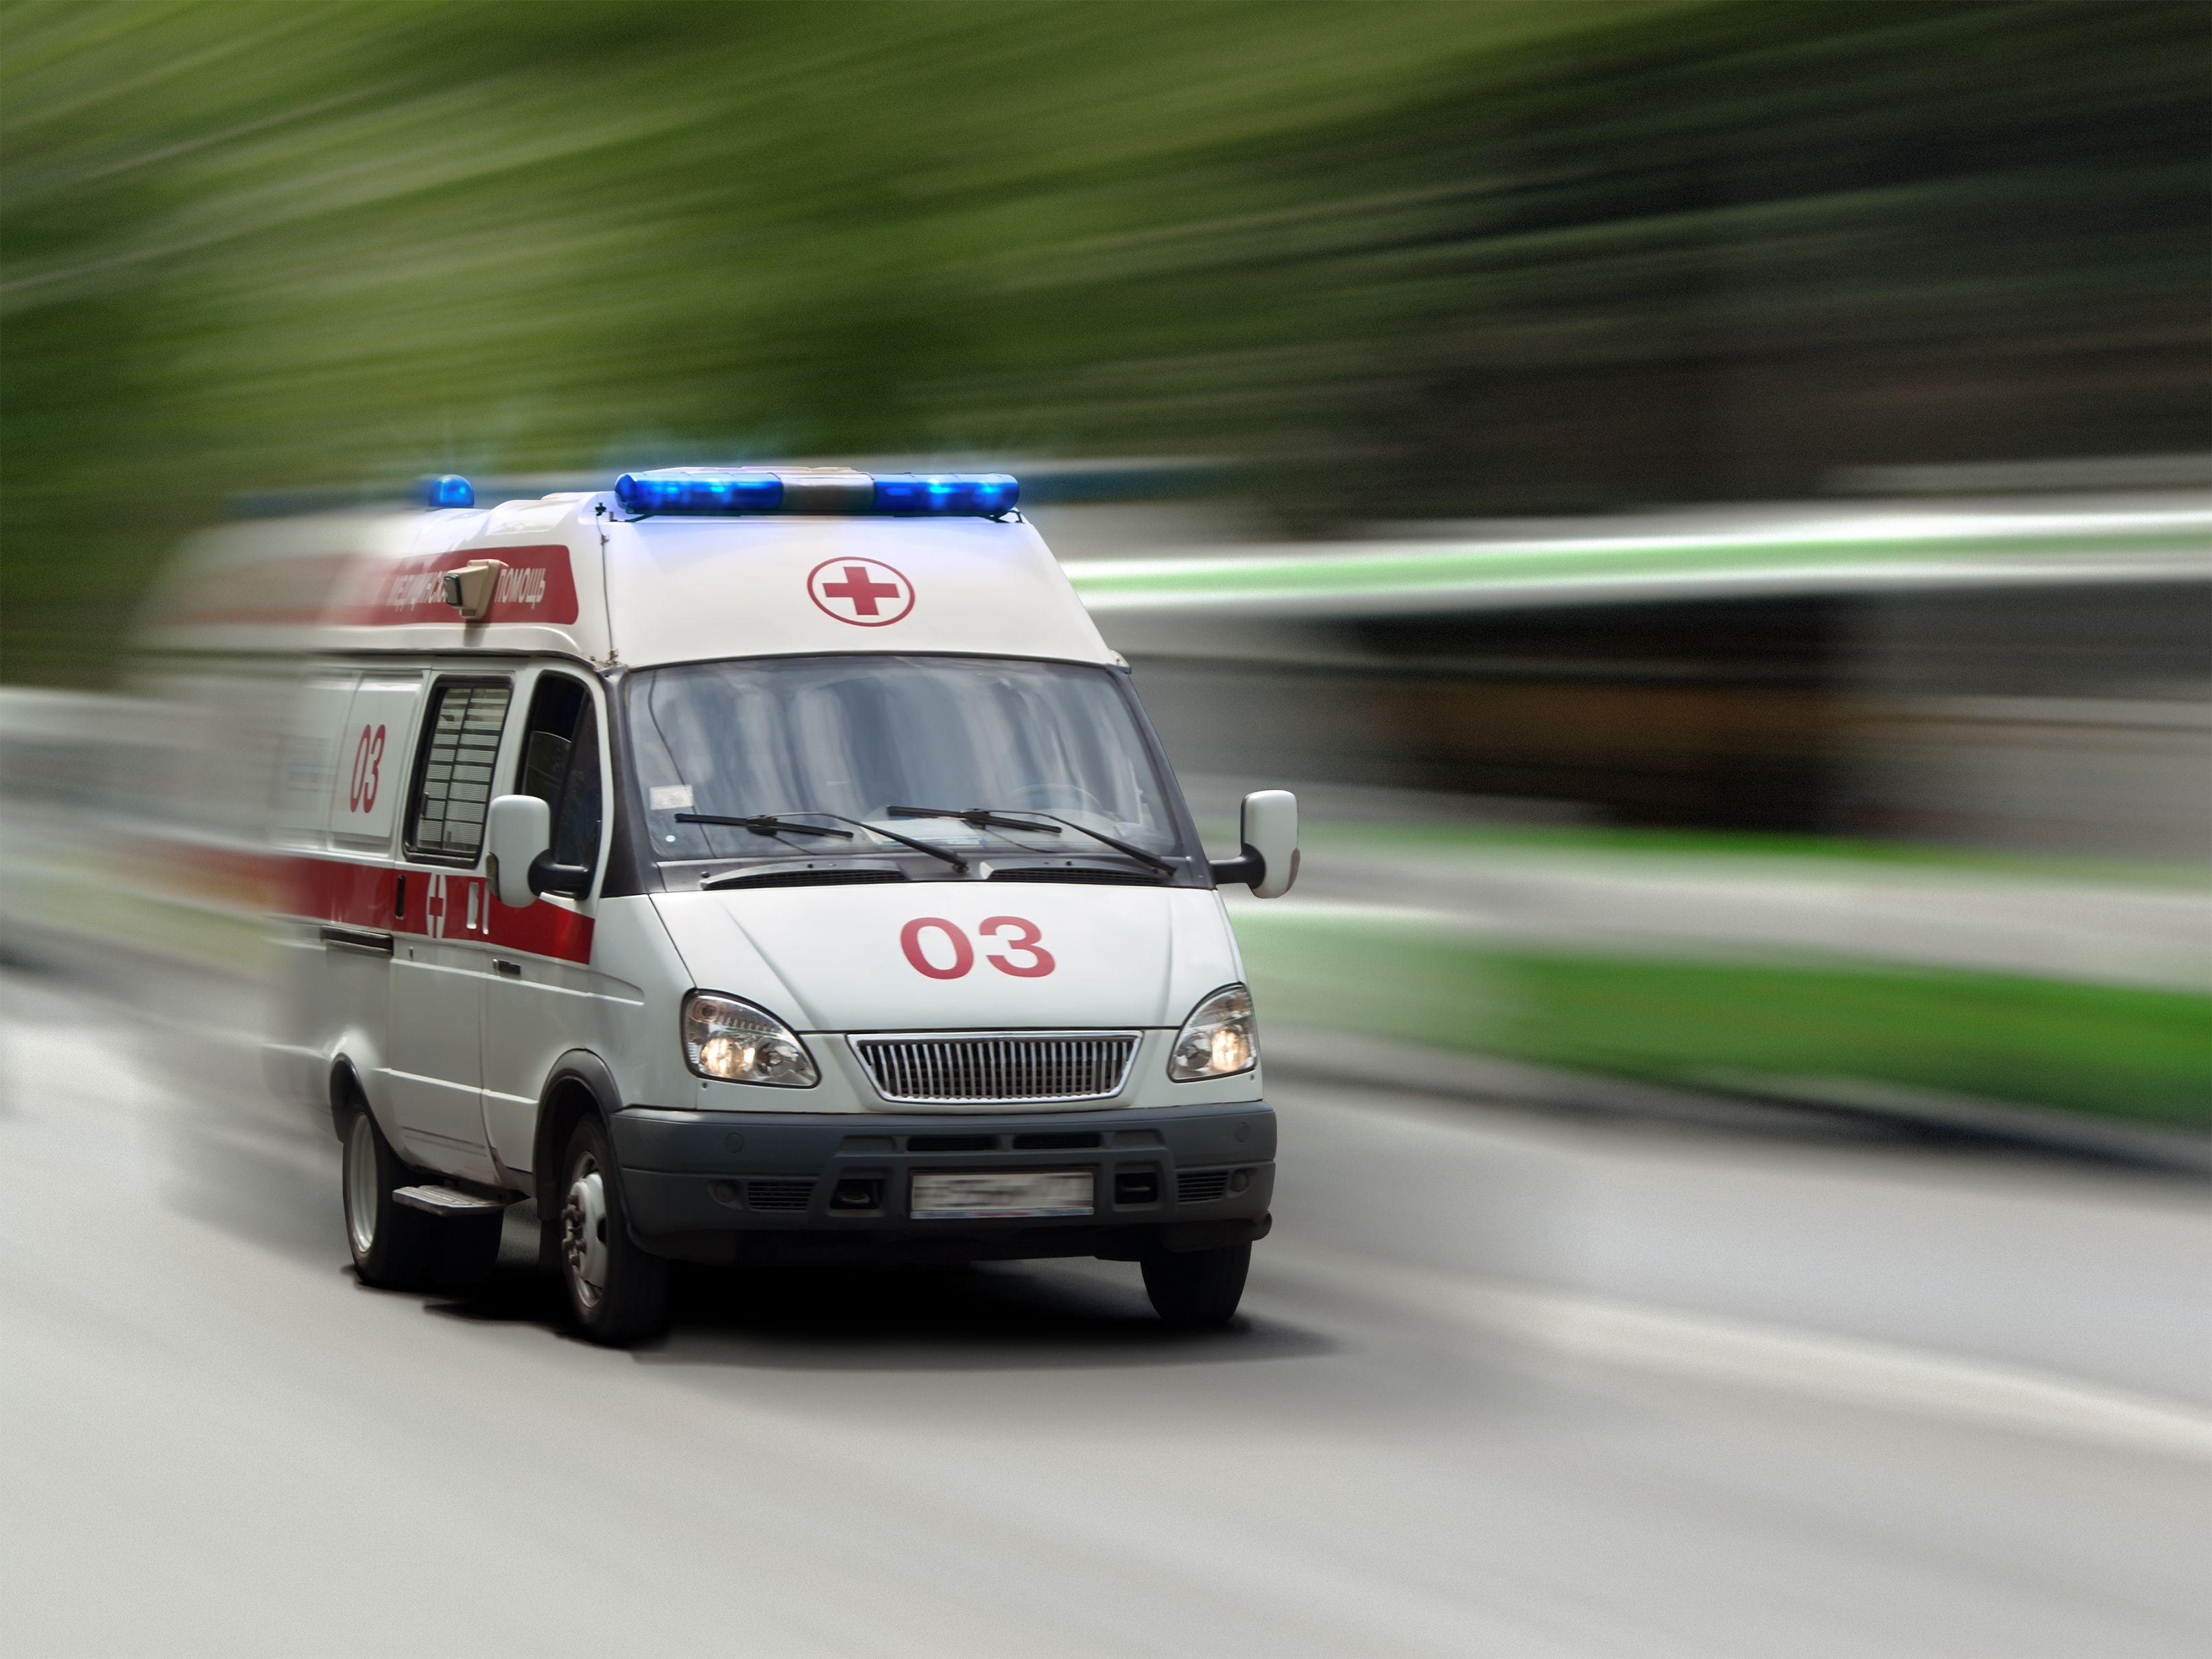 ВИвановской области отец случайно обварил 4-летнюю дочку кипятком